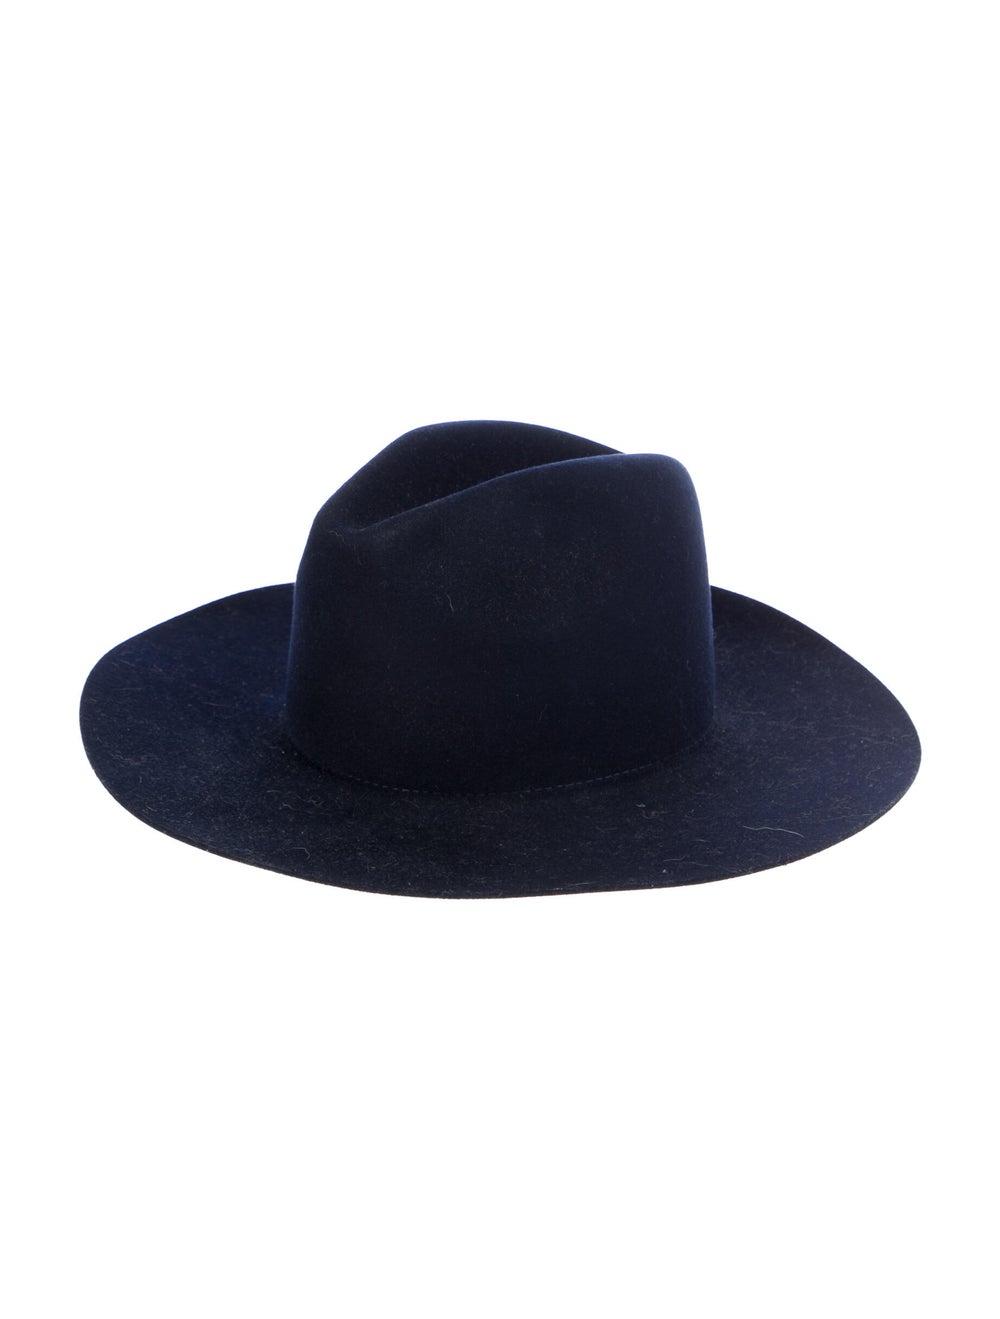 Janessa Leone Wool Wide Brim Hat Navy - image 1